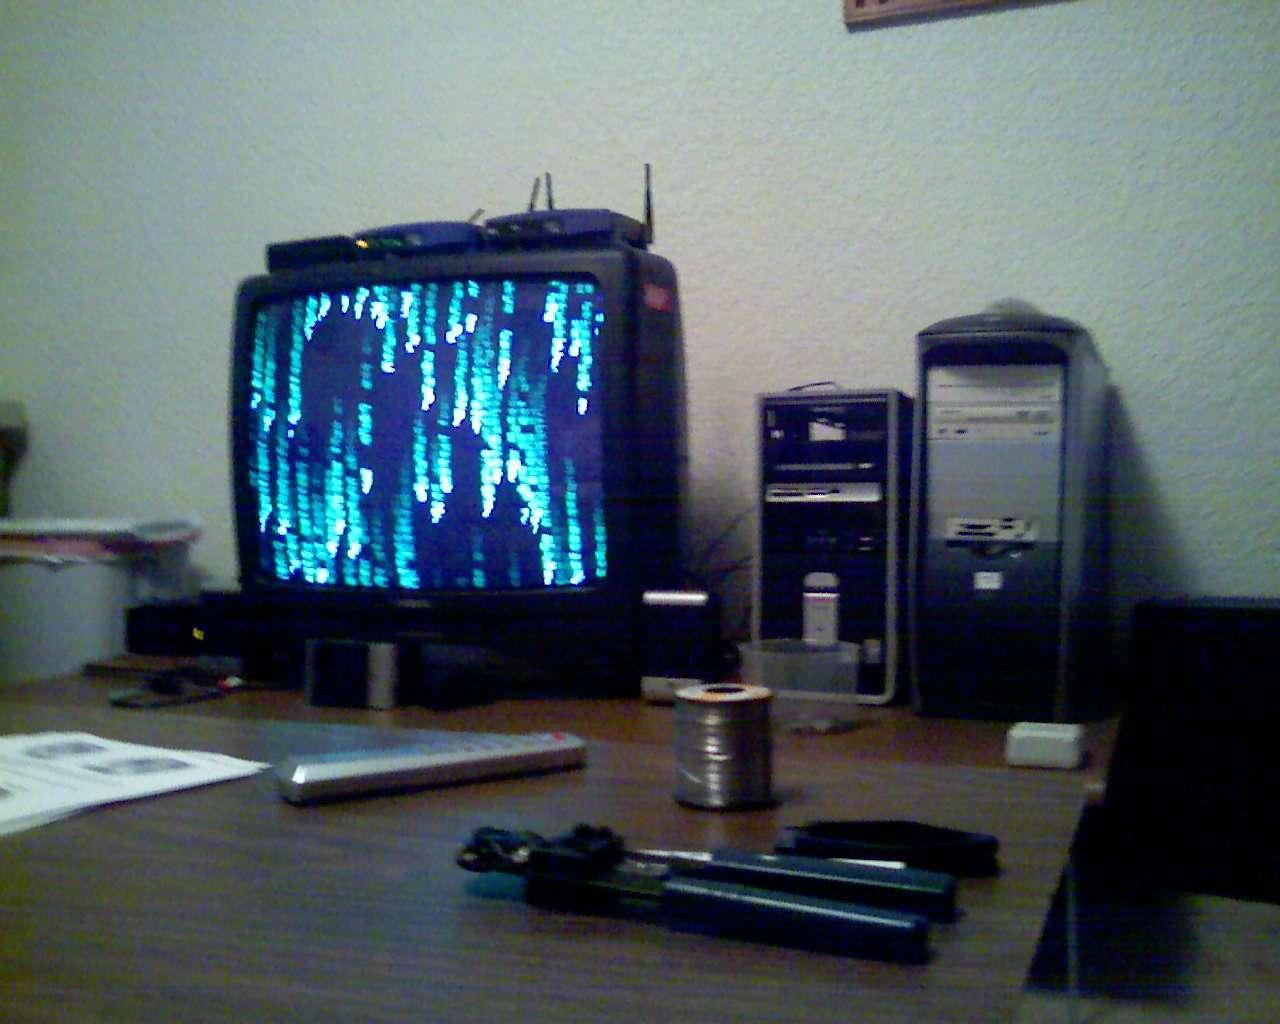 Un ordinateur est nécessaire pour flasher un démodulateur numérique. © Cdedbdme, Flickr, CC BY-SA 2.0